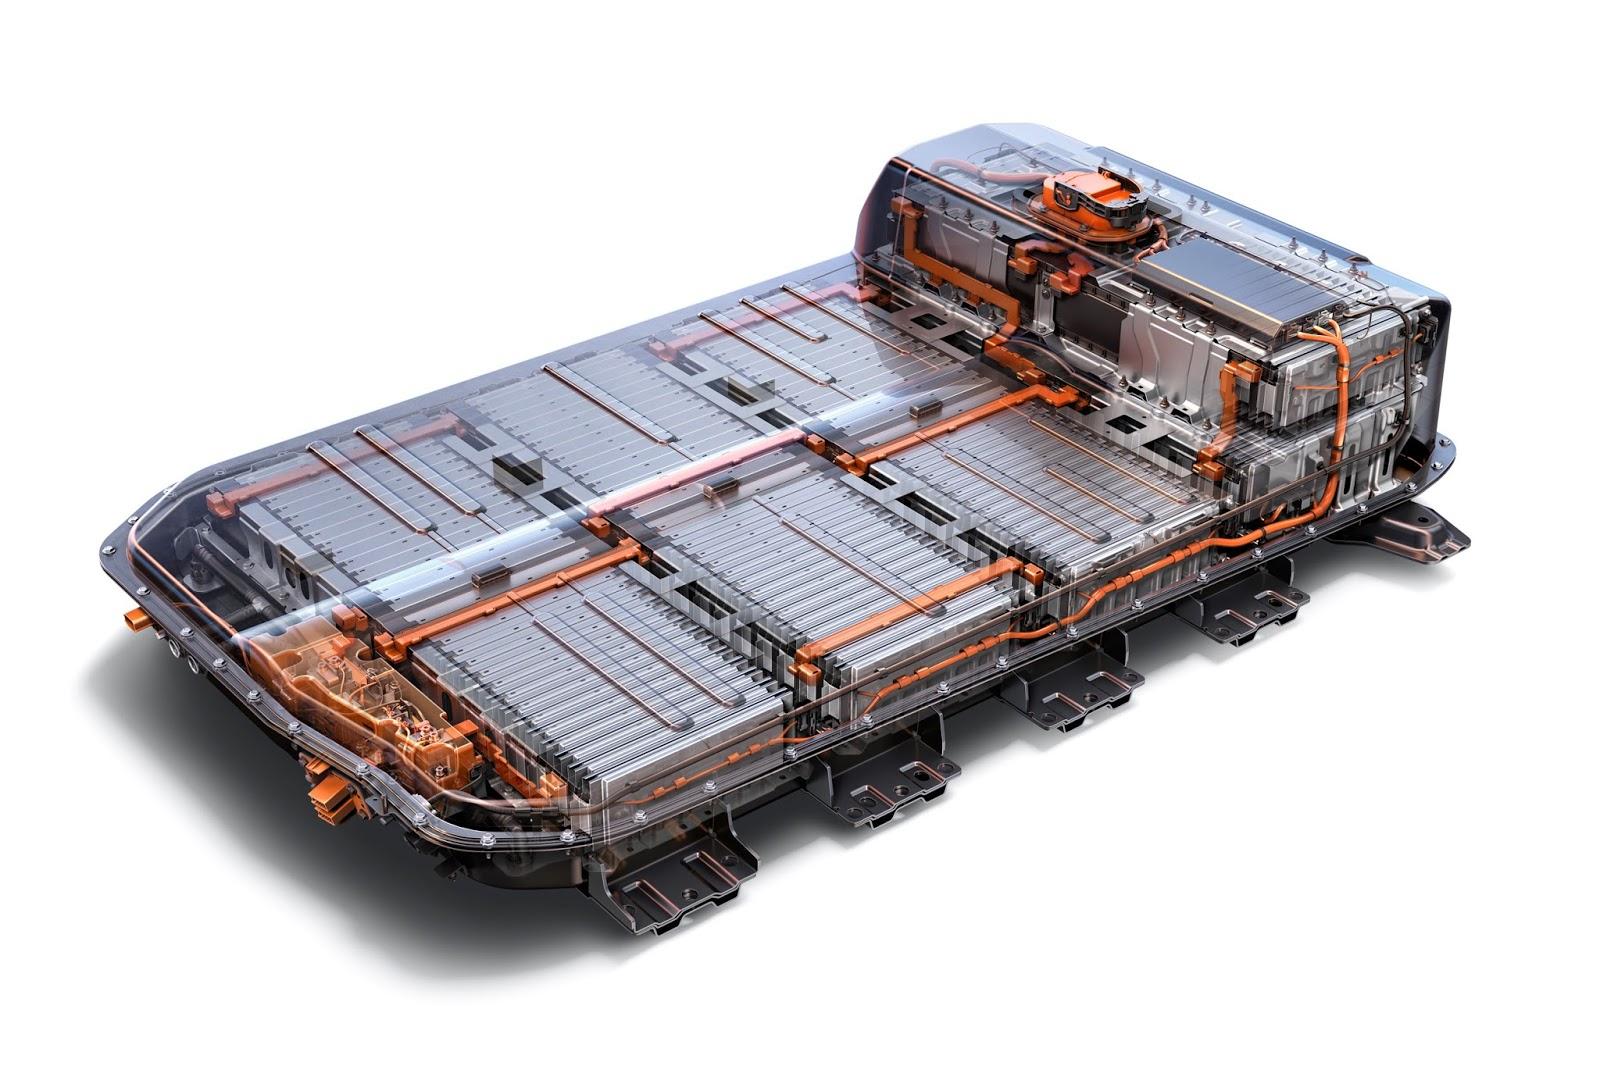 Opel Ampera e Ten battery modules 303300 Το Opel Ampera-e διανύει μέχρι 150 km με μια φόρτιση 30 λεπτών Electric cars, Opel, Opel Ampera, Opel Ampera-e, Τεχνολογία